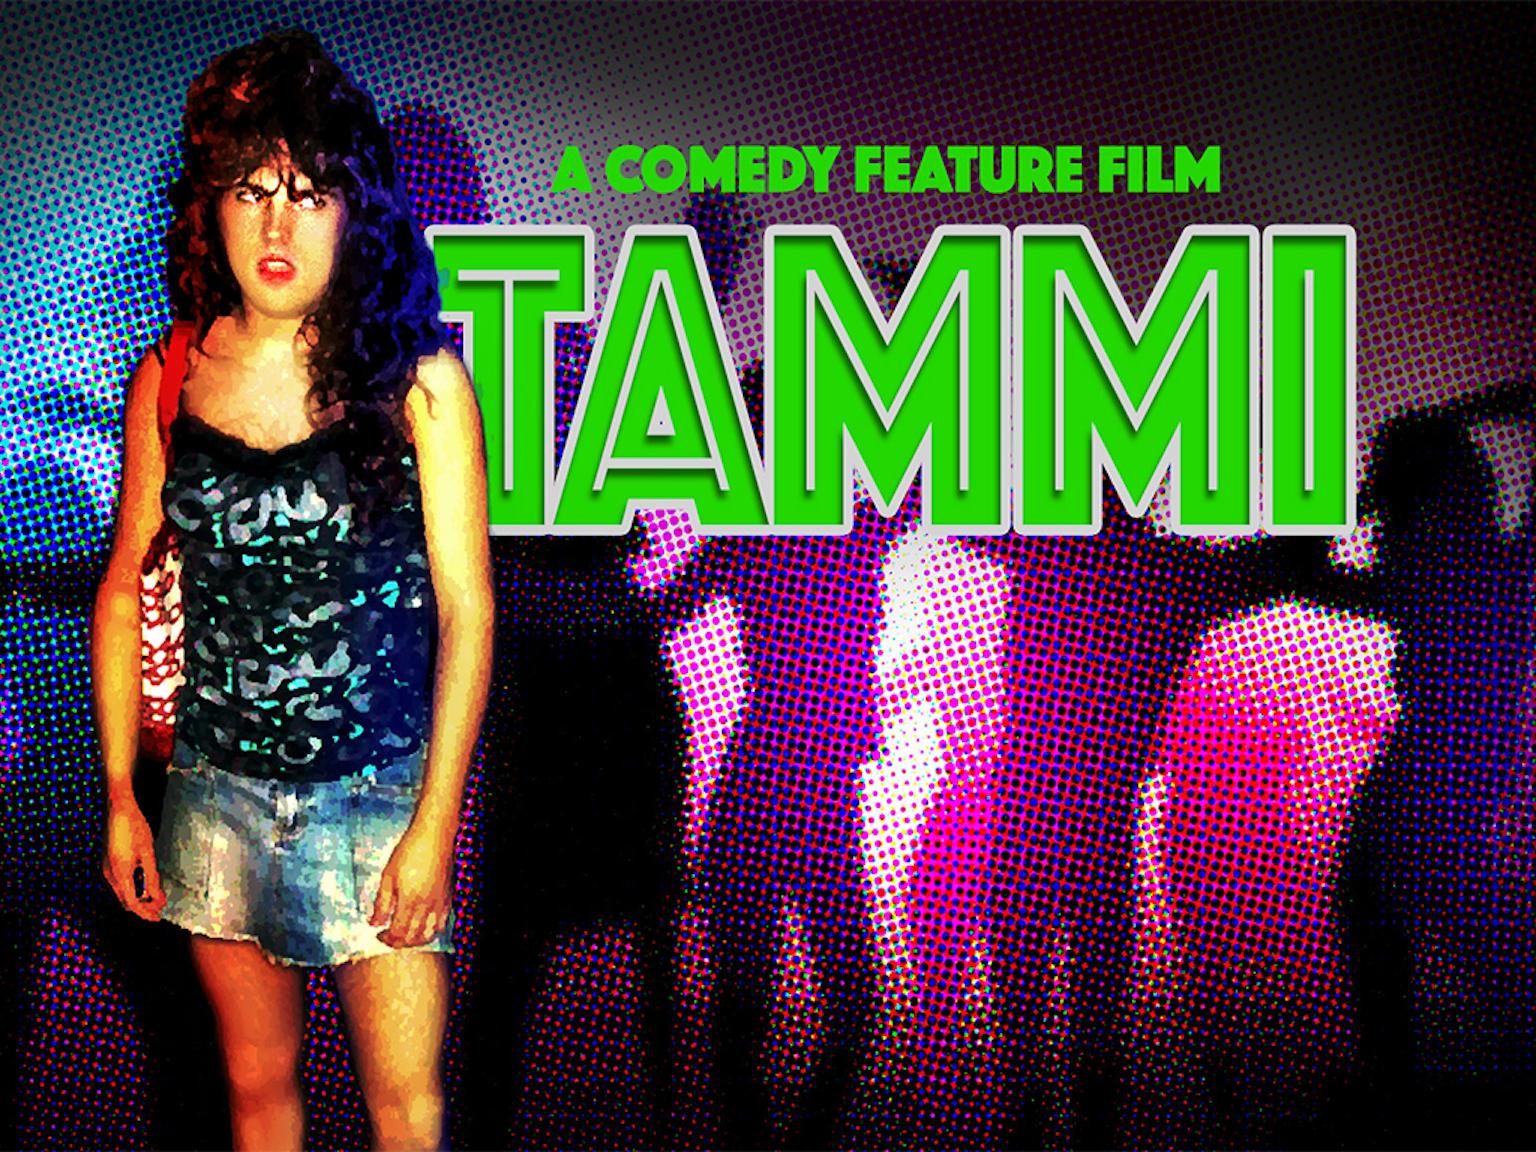 Tammi - A Comedy Feature Film by Vinnie Pagano —Kickstarter